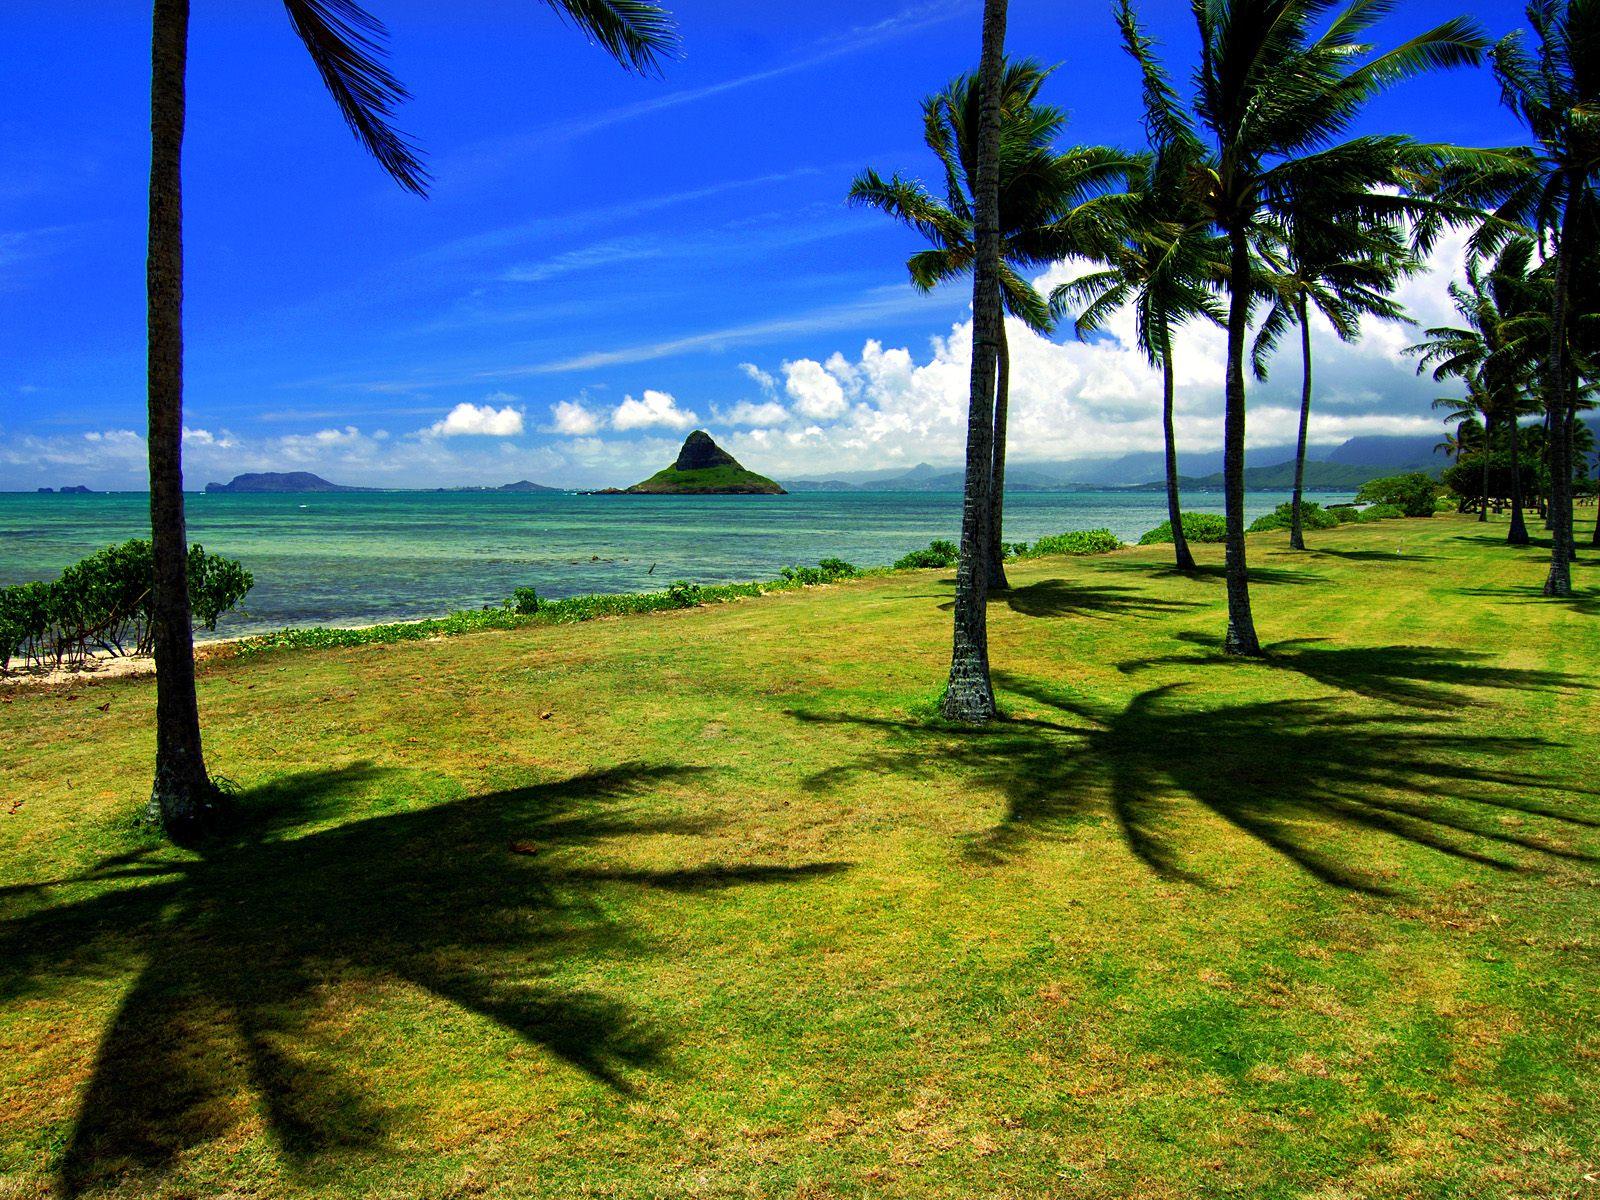 http://4.bp.blogspot.com/_708_wIdtSh0/S_3mMaSzW8I/AAAAAAAAAwA/HX0YxRl2os4/s1600/Chinaman%27s+Hat,+Oahu,+Hawaii.jpg